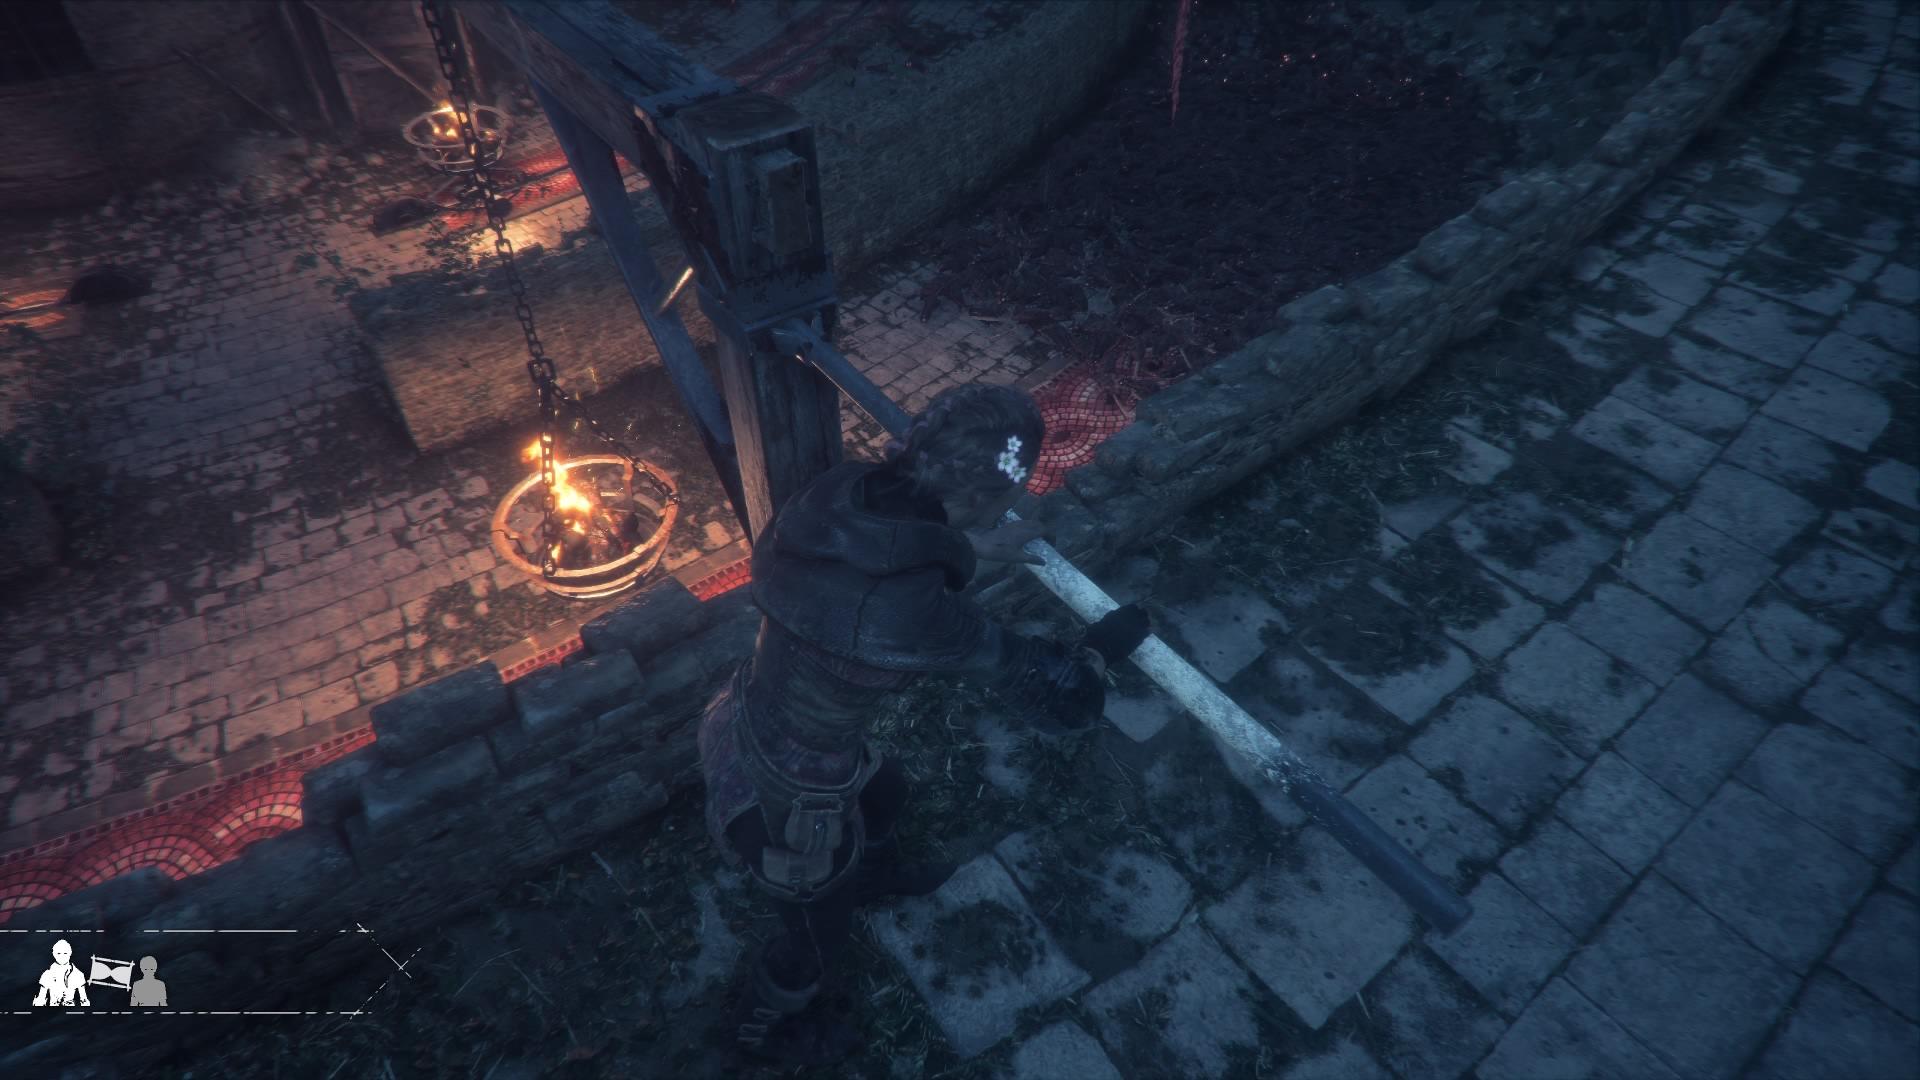 Bij sommige lichtbronnen in oude ruines vraag je je af wie ze aangestoken heeft..